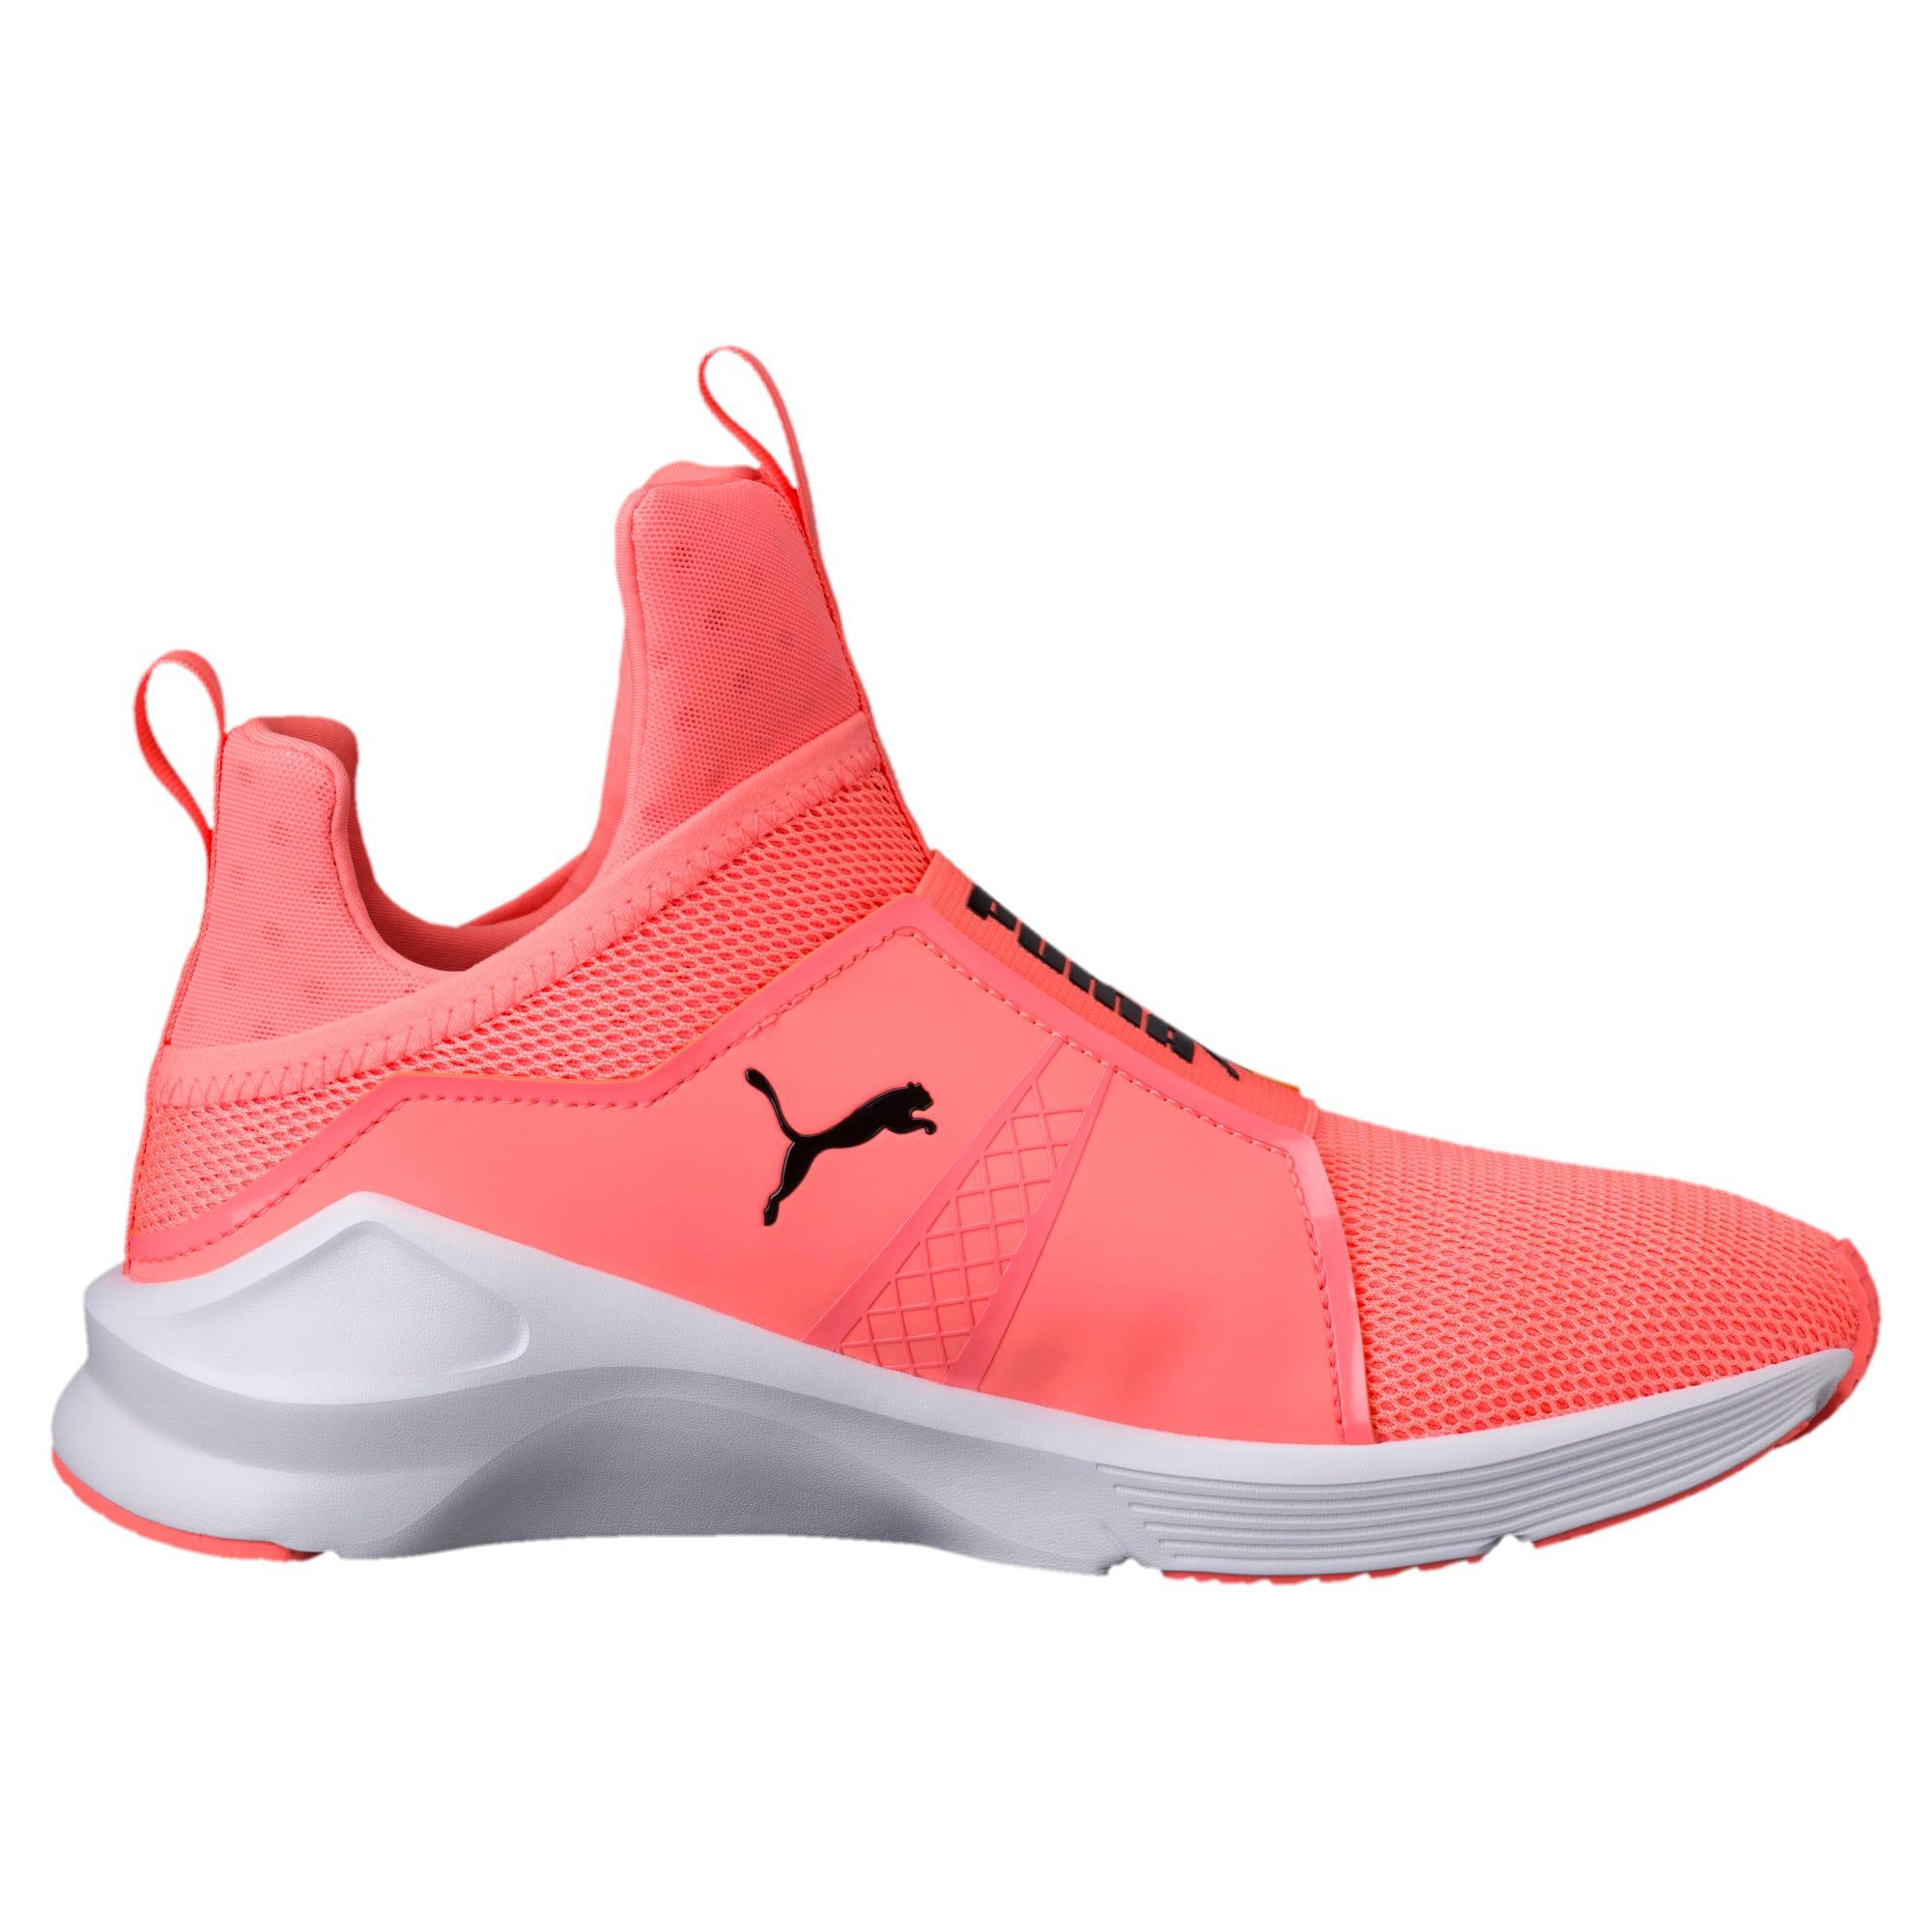 Puma PUMA Fierce Core Sneakers da Donna Nrgy Peach Black